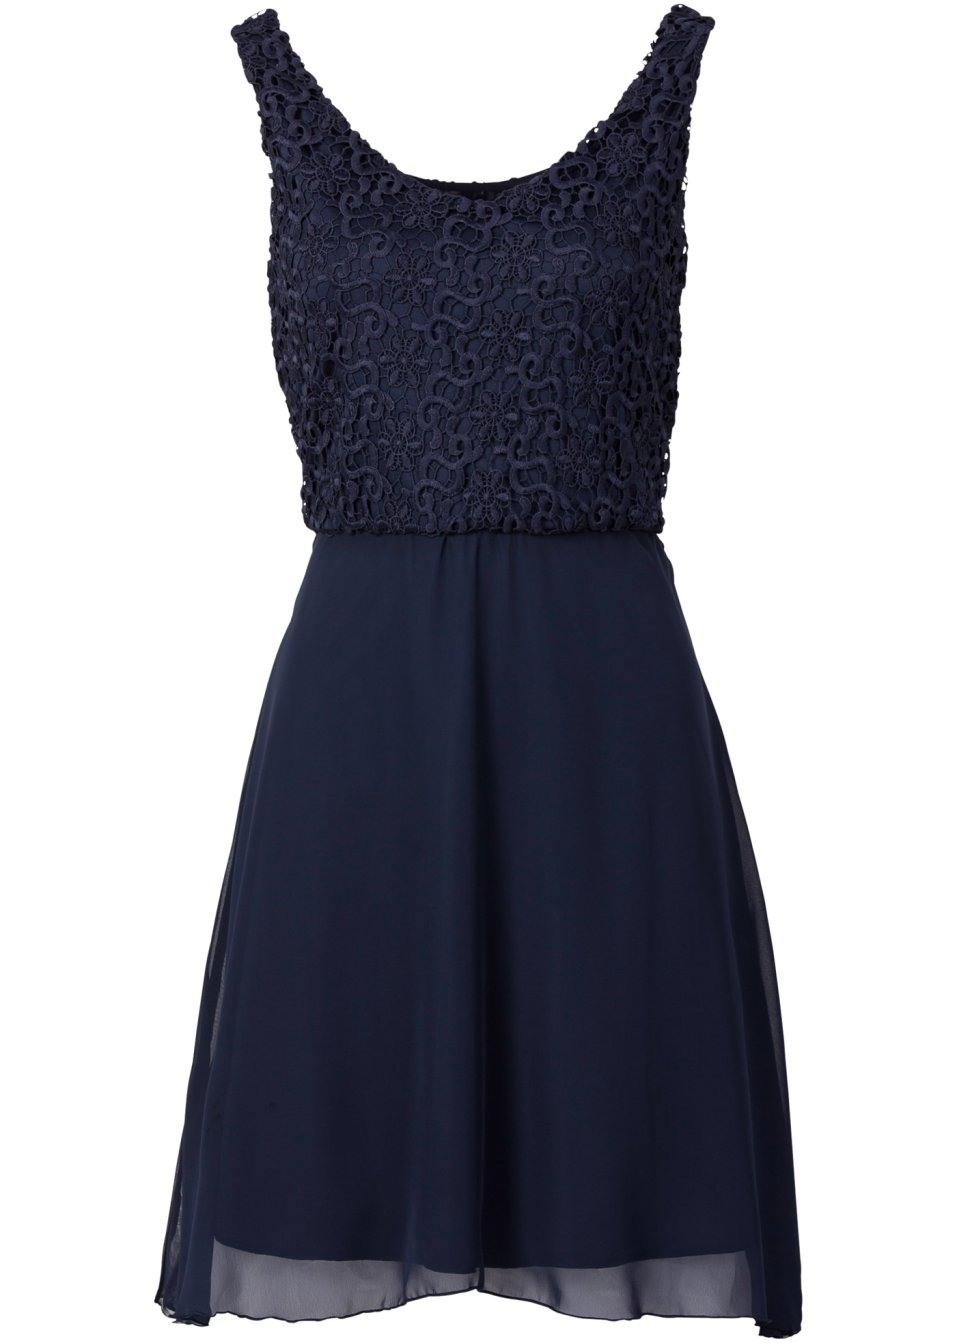 20 Genial Blaues Kleid Mit Spitze GalerieAbend Schön Blaues Kleid Mit Spitze Stylish